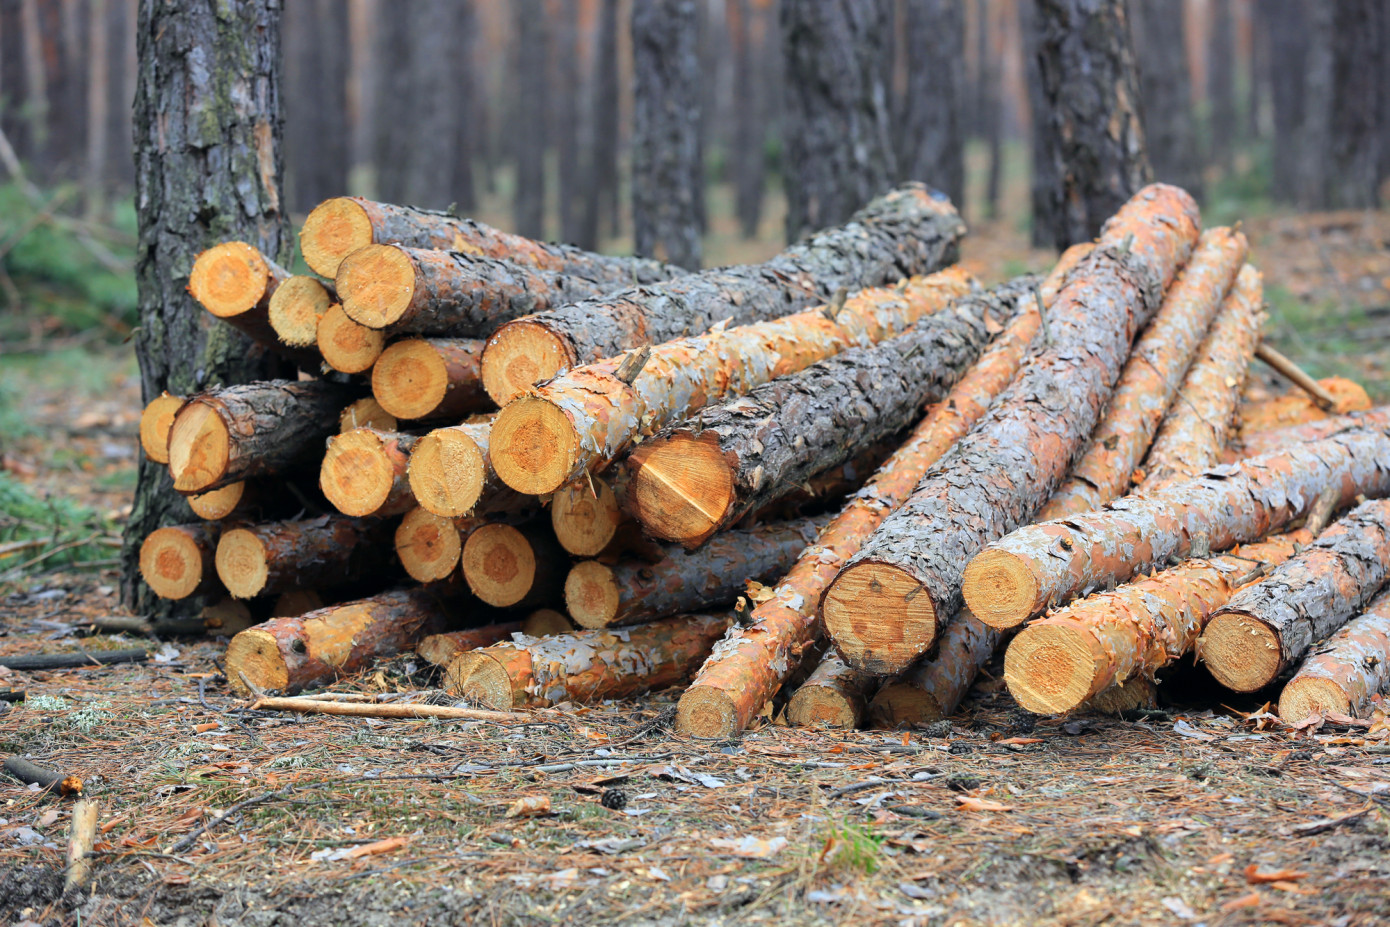 U.S. logs export price increase 12.6% in August 2021